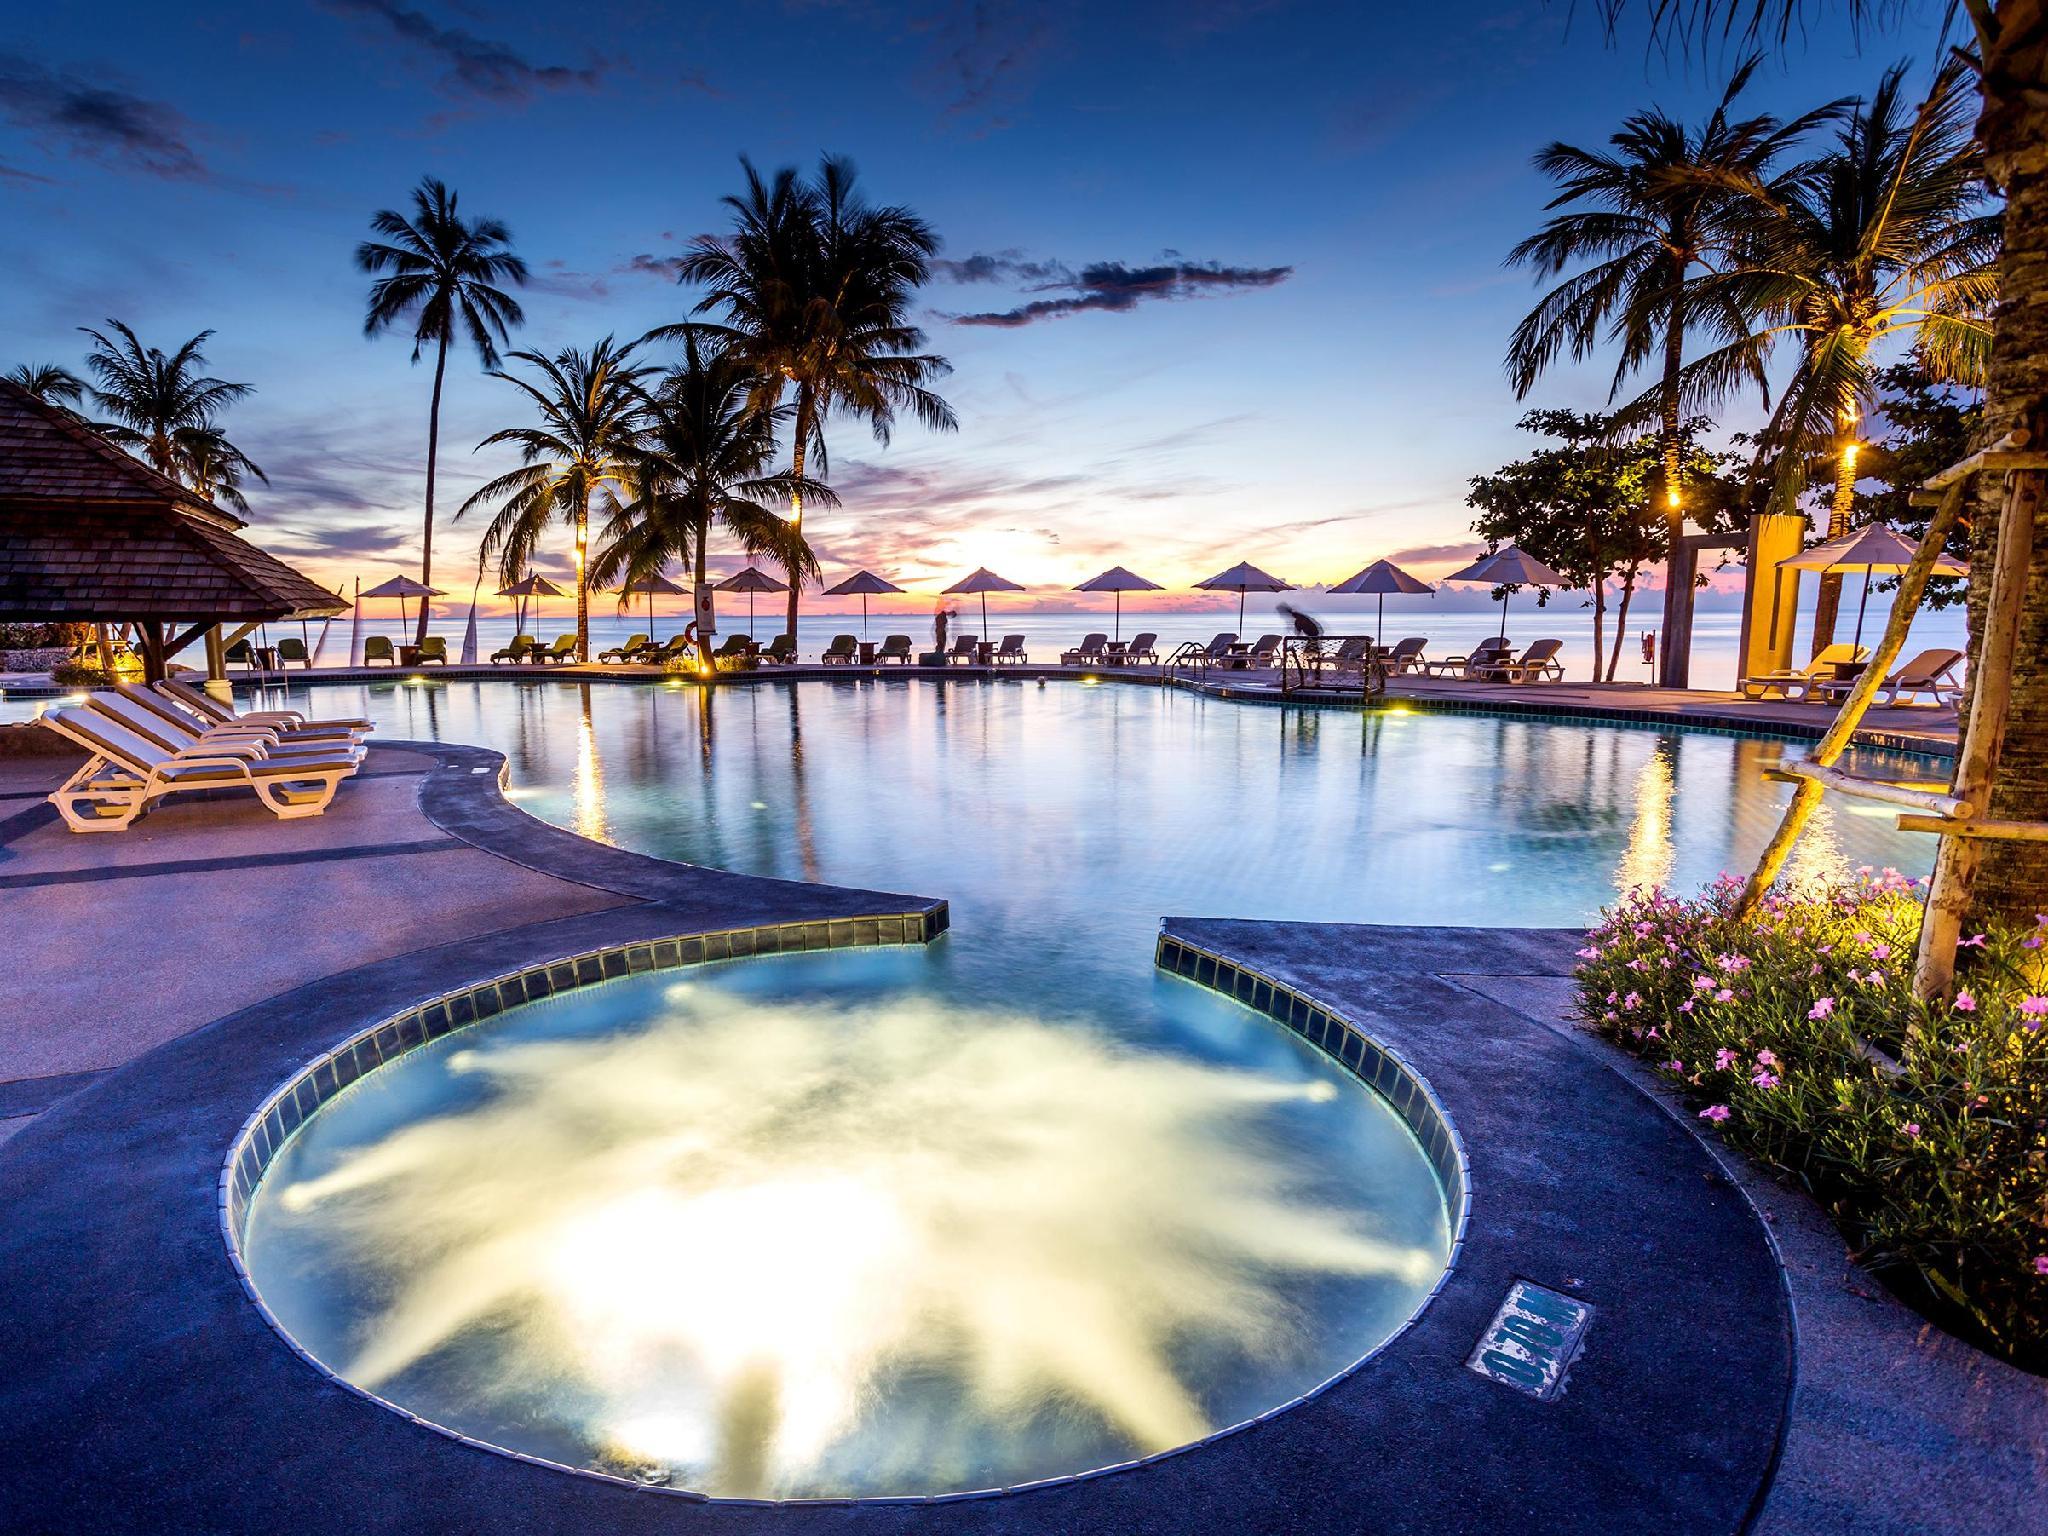 Nora Beach Resort And Spa